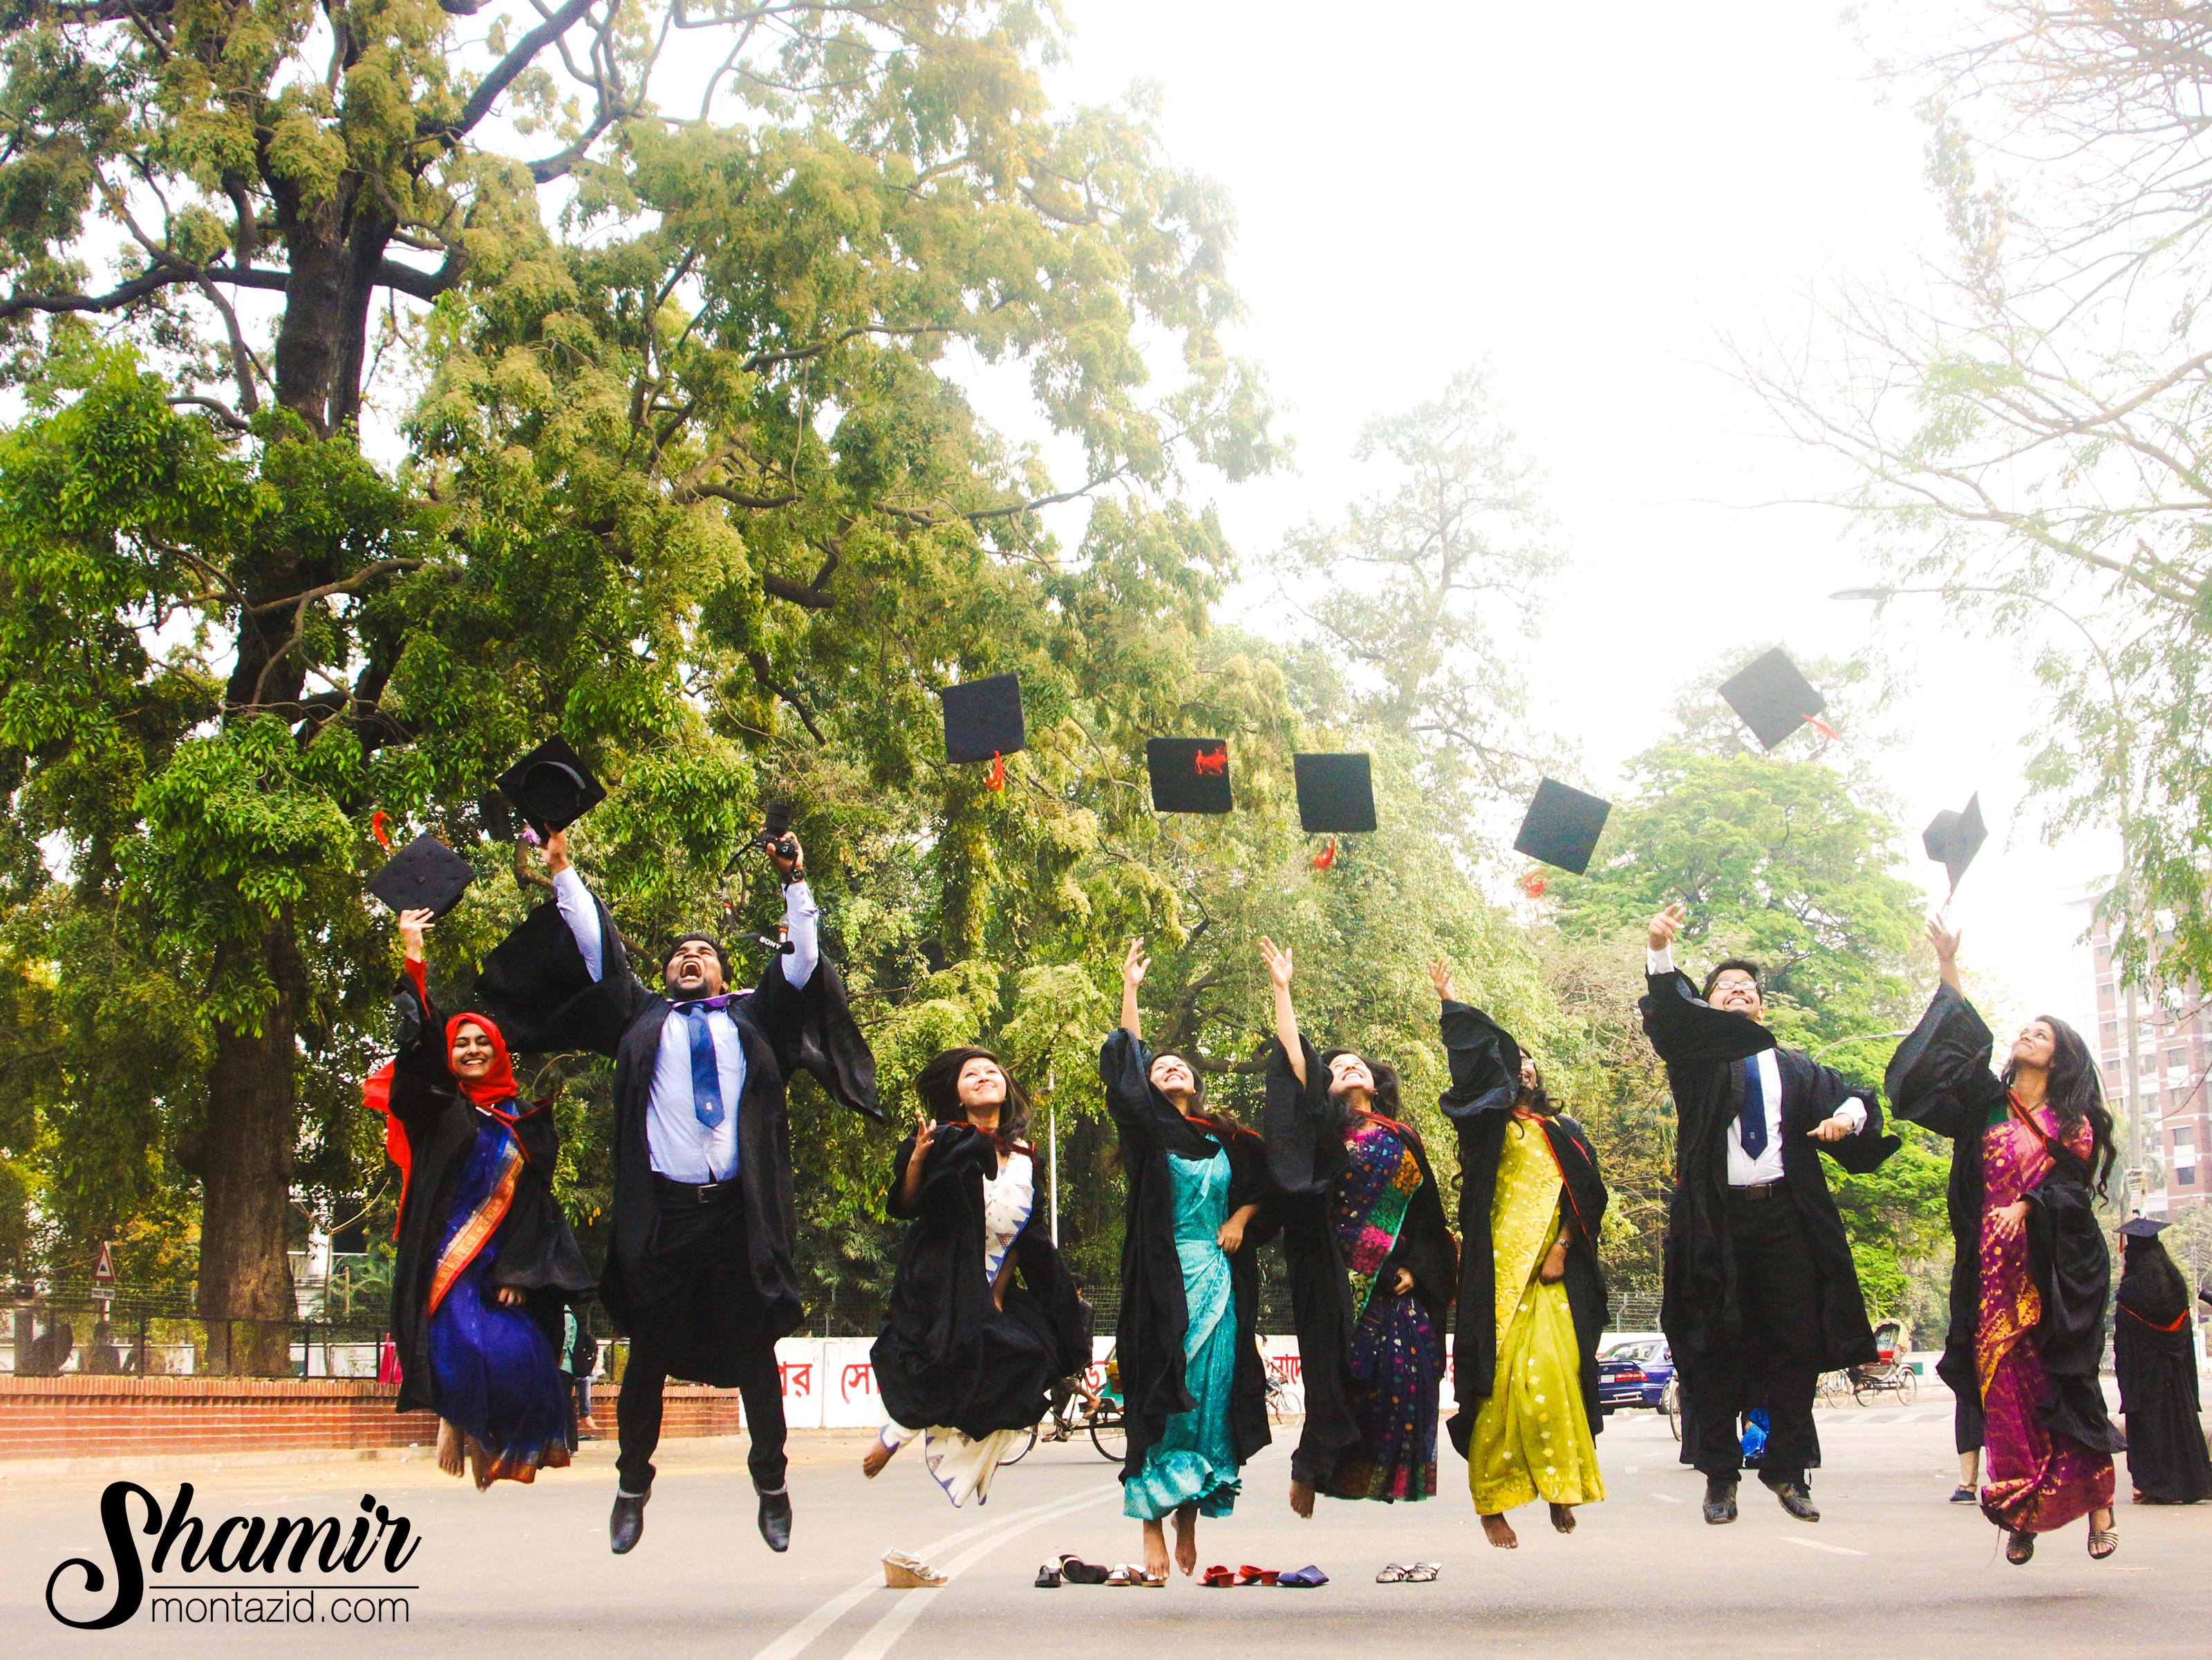 ঢাকা বিশ্ববিদ্যালয়ের ক-ইউনিট: সাবজেক্ট চয়েস